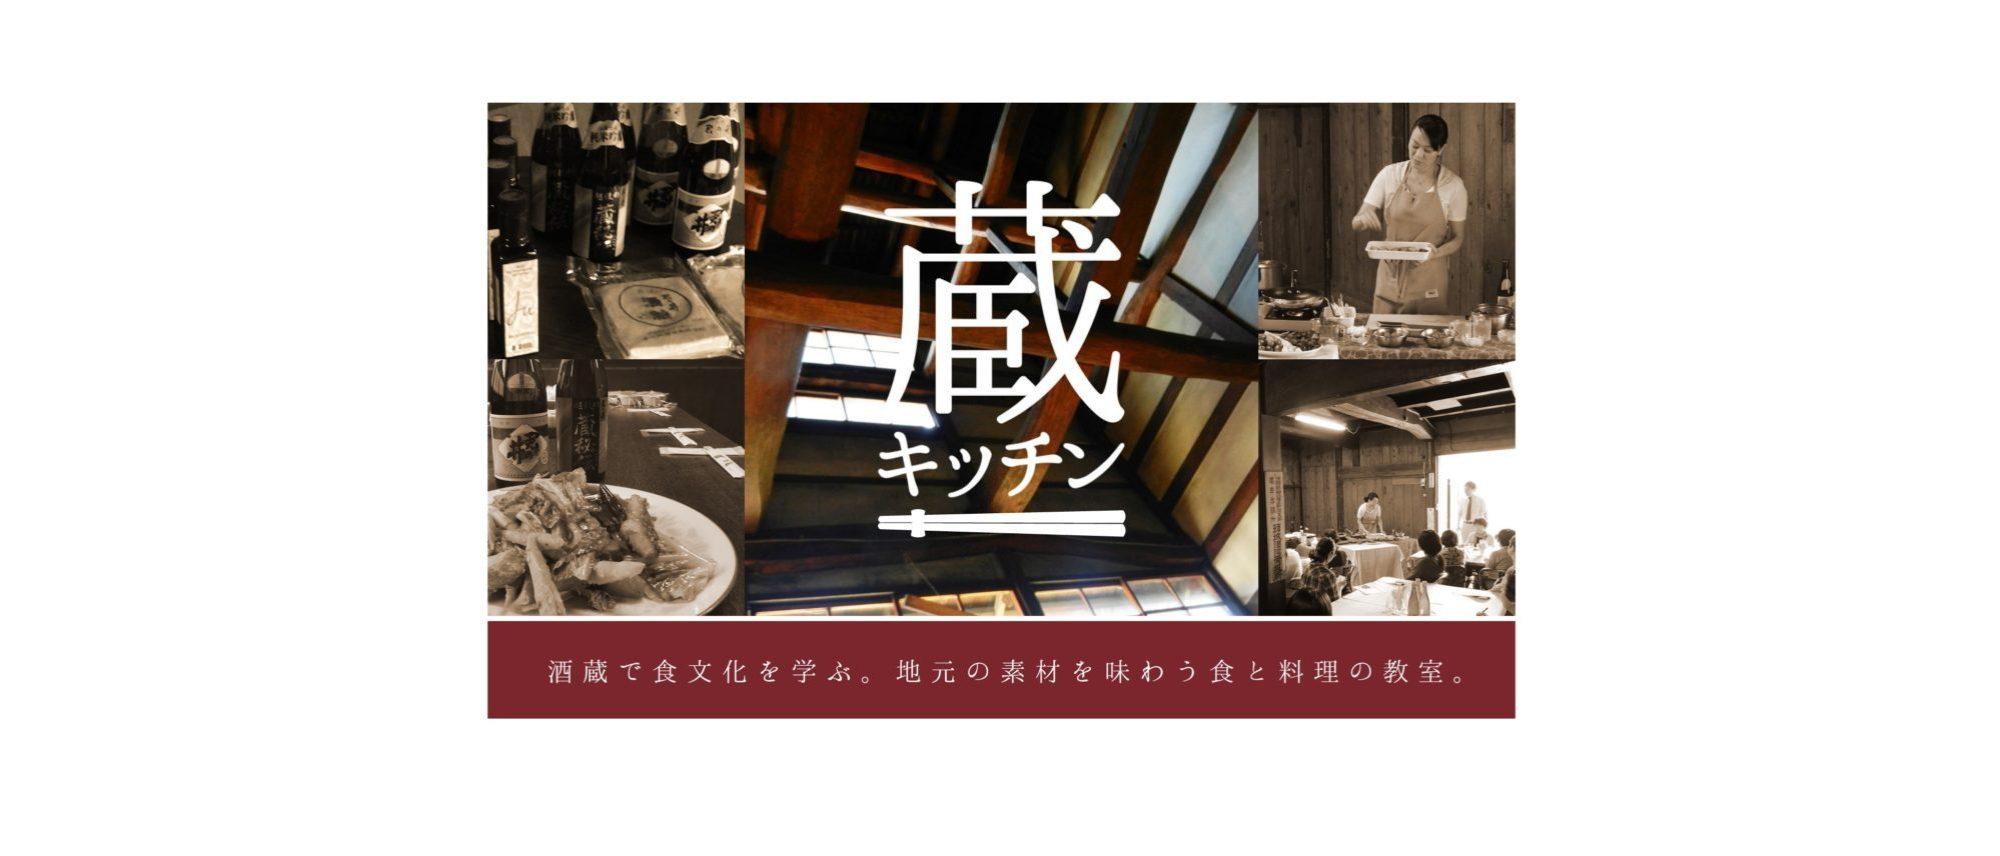 蔵キッチン 公式ホームページ